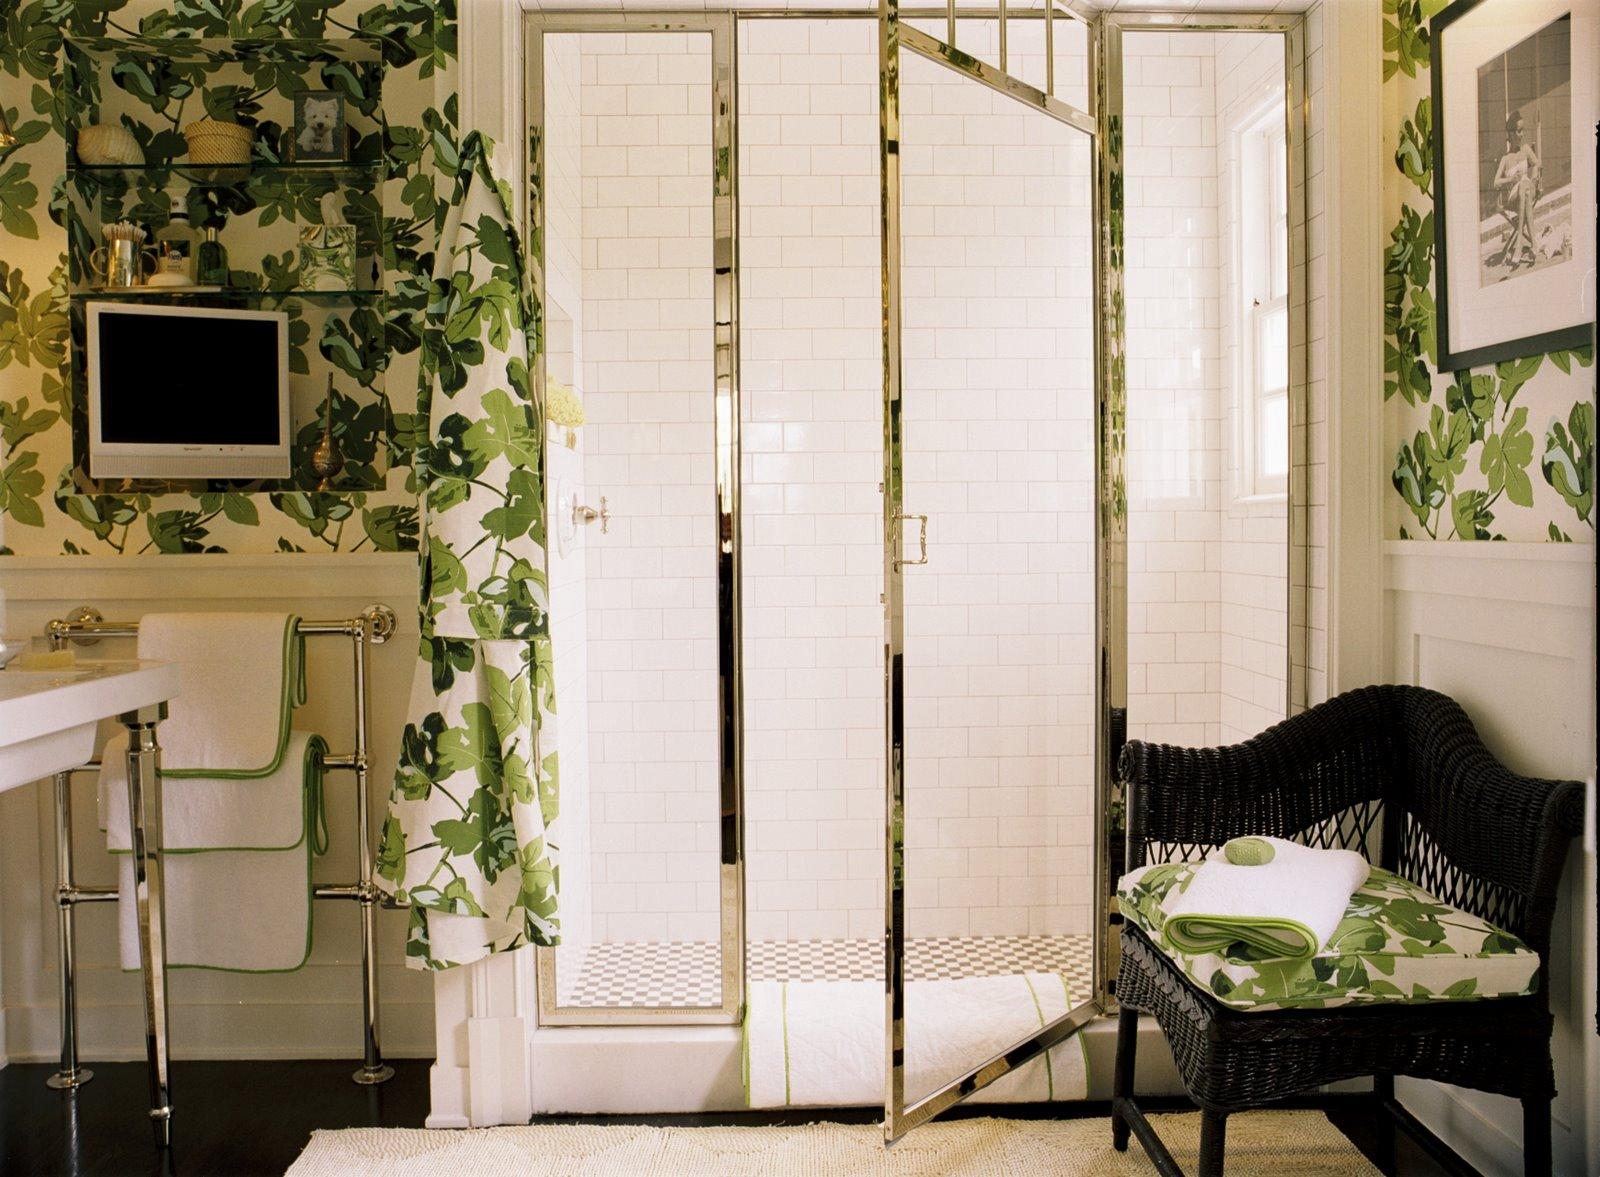 http://3.bp.blogspot.com/-nyu_3HOKzEc/T_7SJIkWLNI/AAAAAAAAGQM/FN1yr66Gyoo/s1600/bathroom2_for_portfolio.jpeg